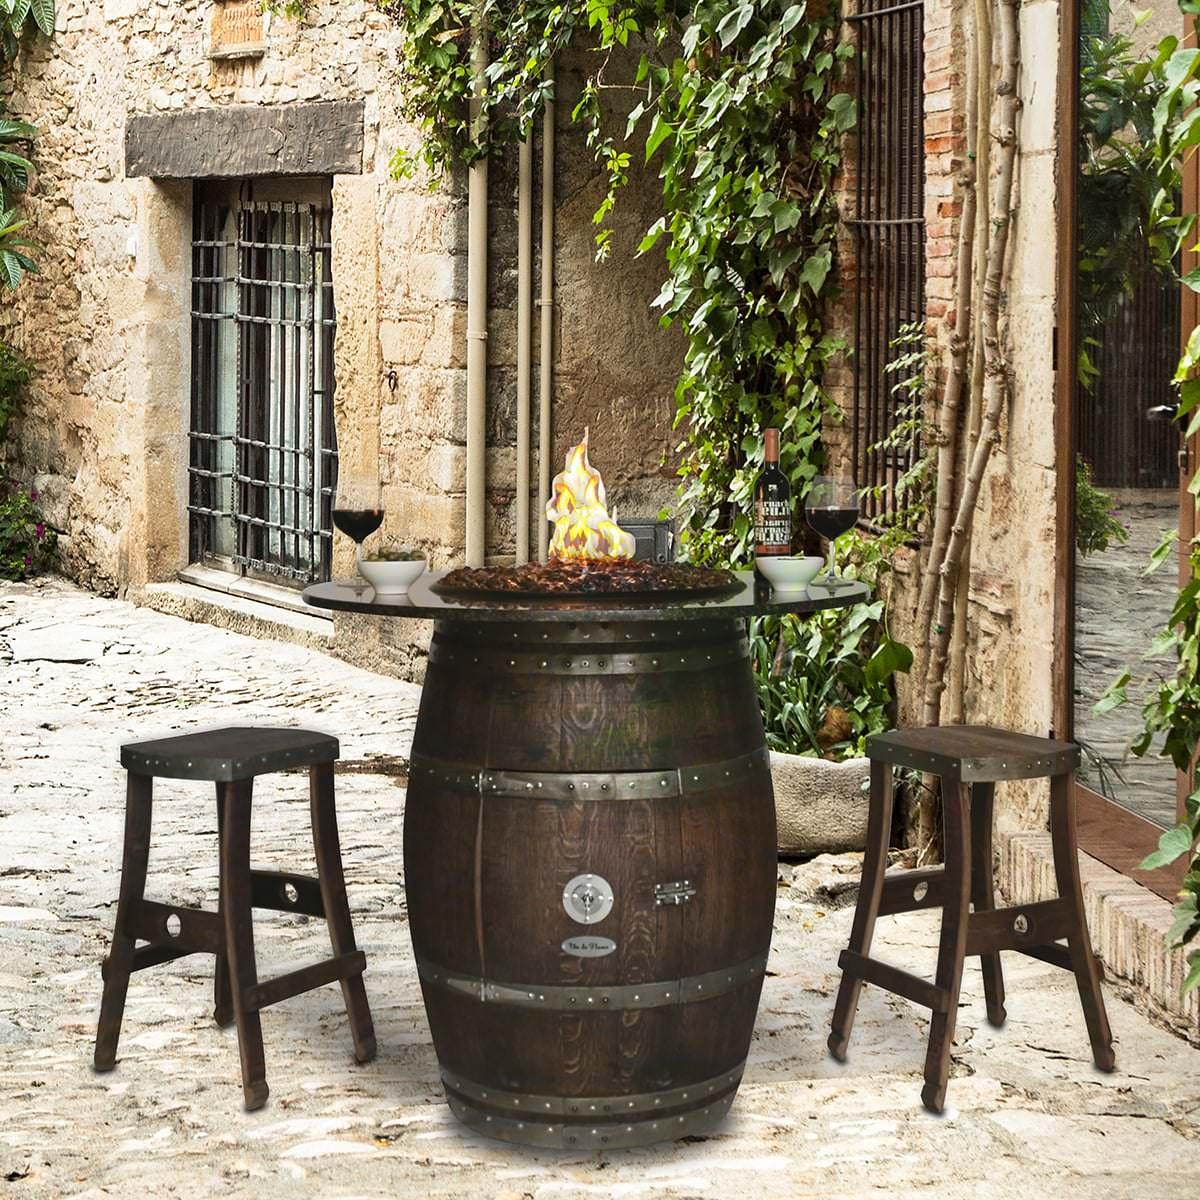 Grand Wine Barrel Fire Pit Table Granite